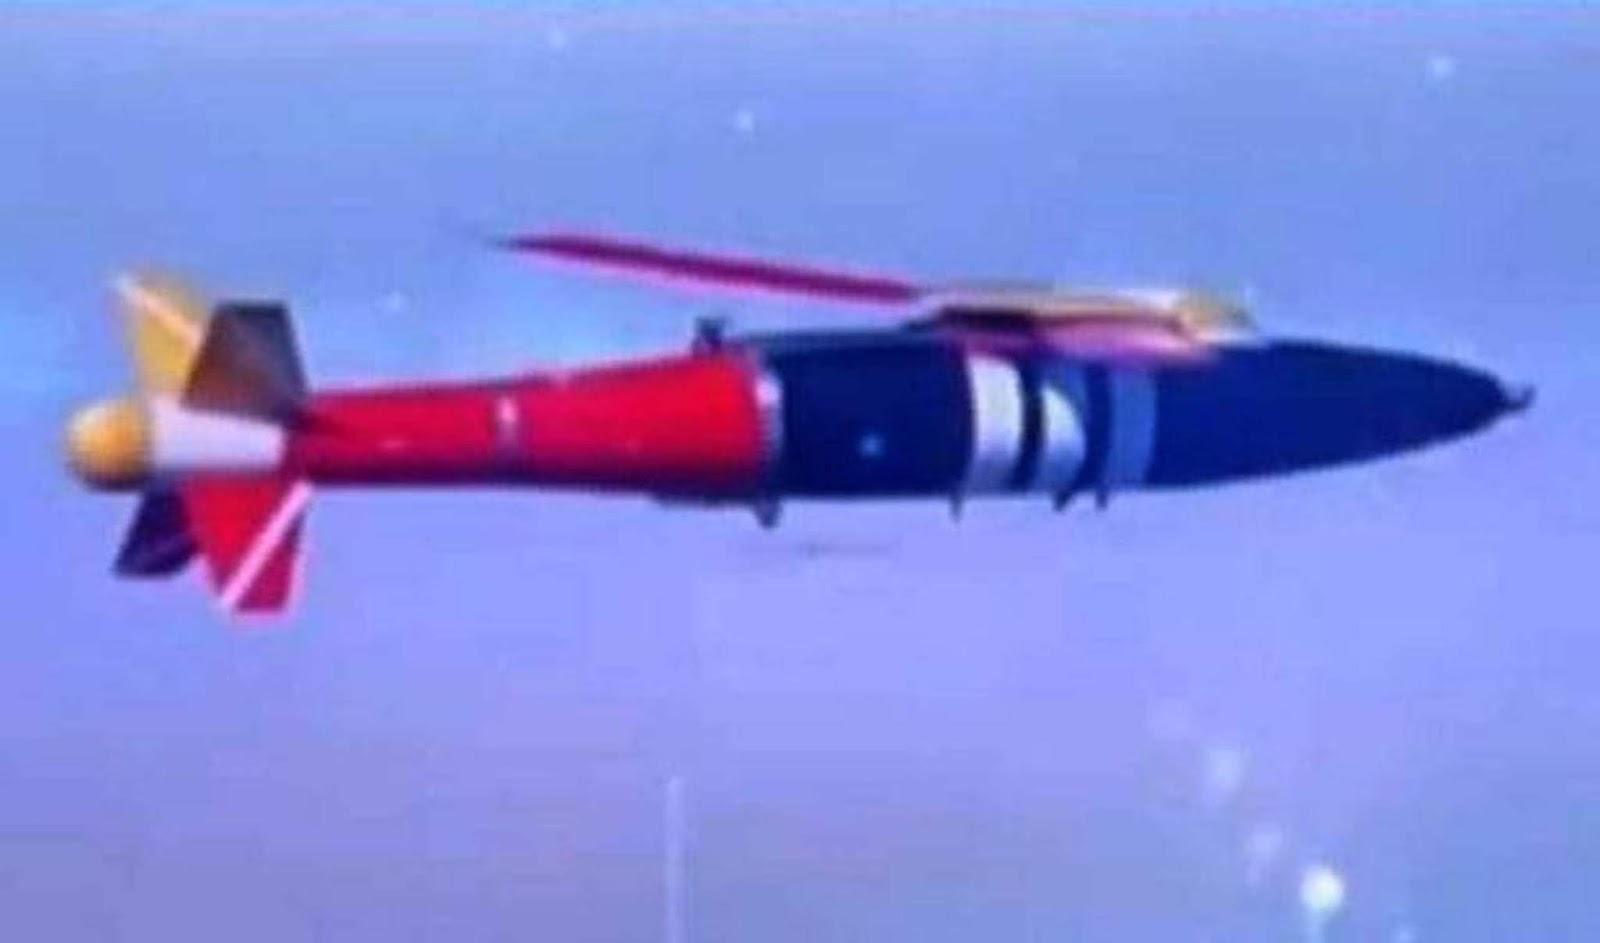 Angkatan Udara Pakistan menguji bom pintar di tengah-tengah perselisihan dengan India